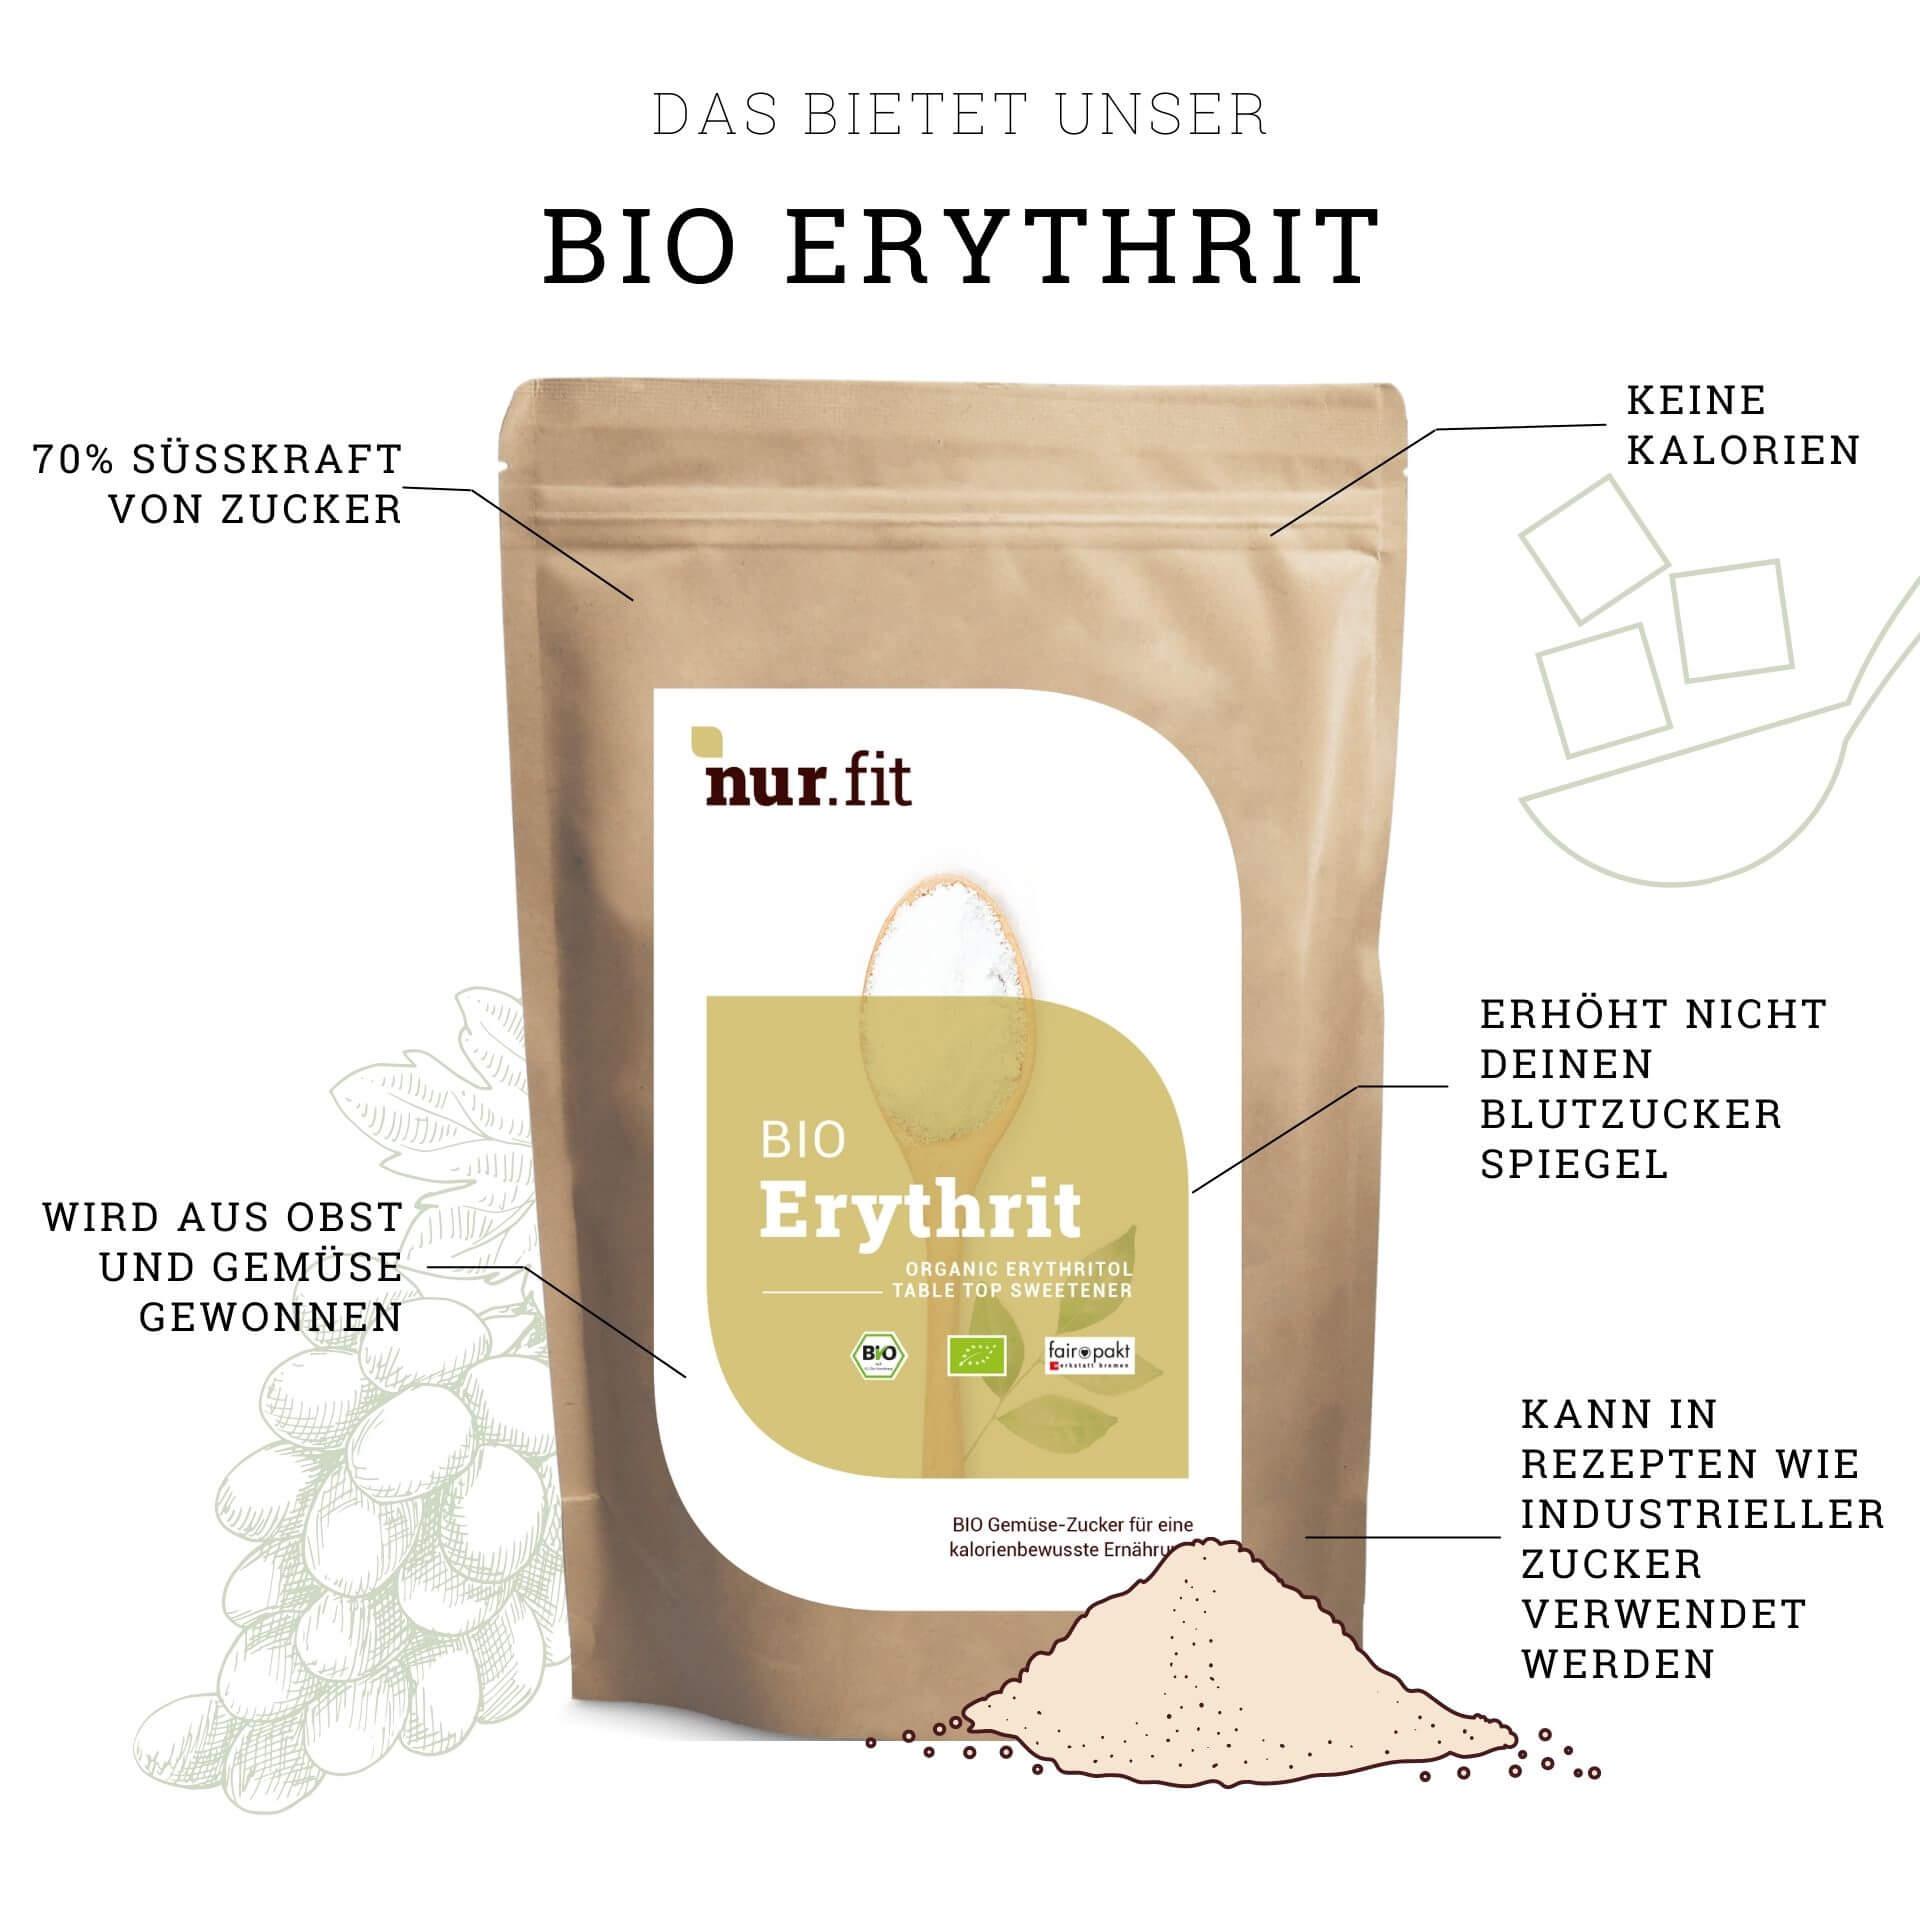 BIO Erythrit